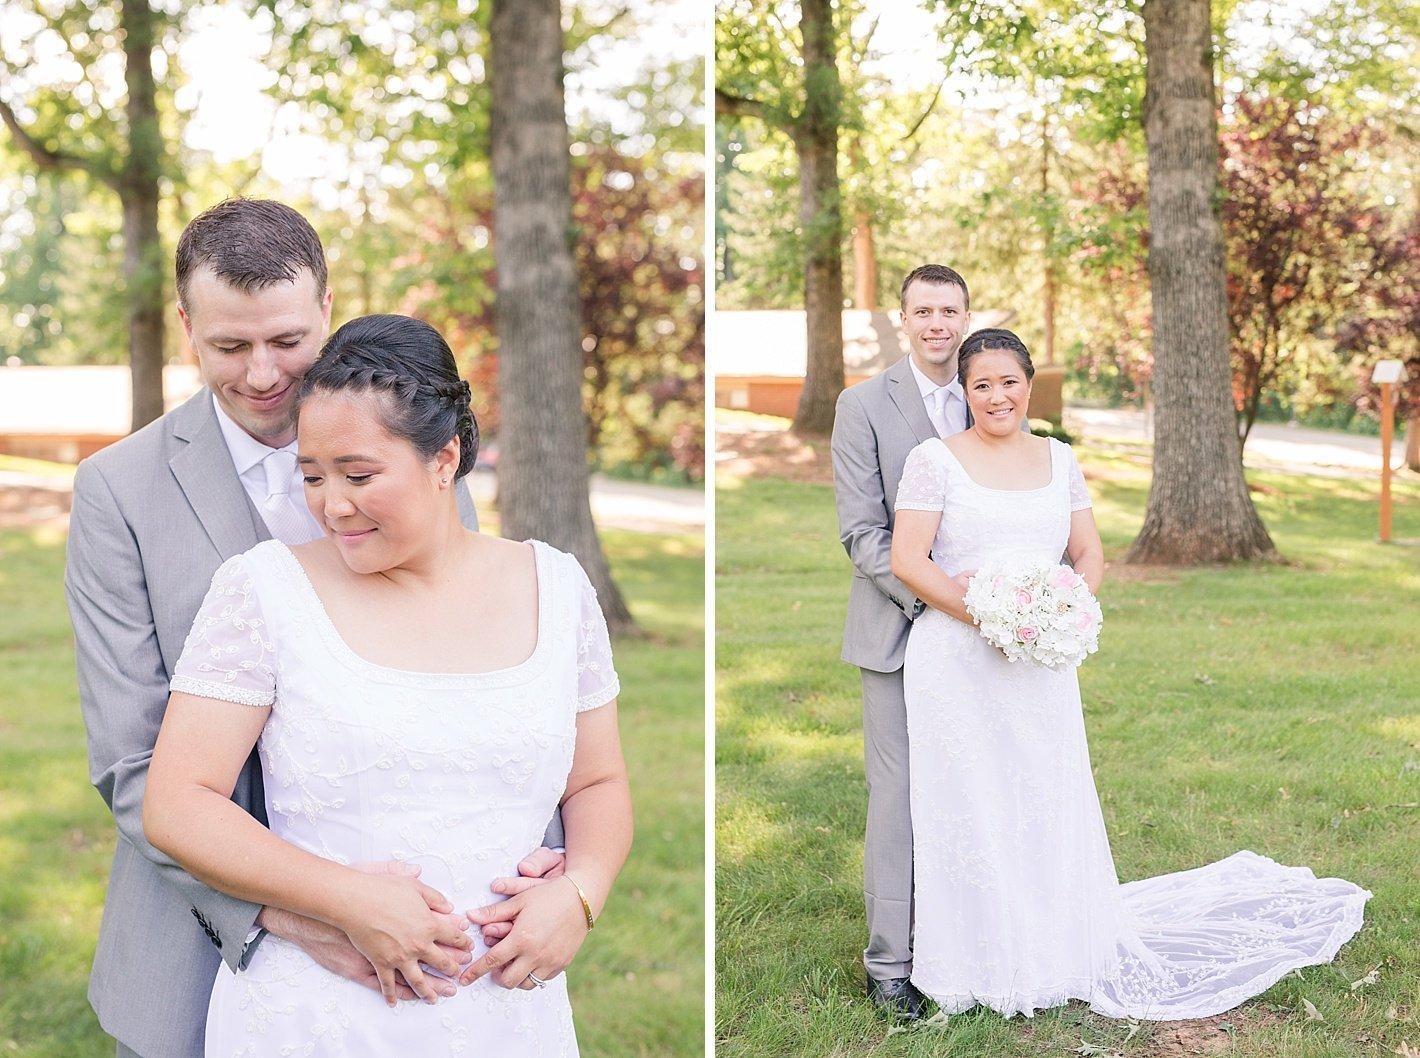 TheGreatRoomatSavageMillweddinghowardcountyweddingphotography-61